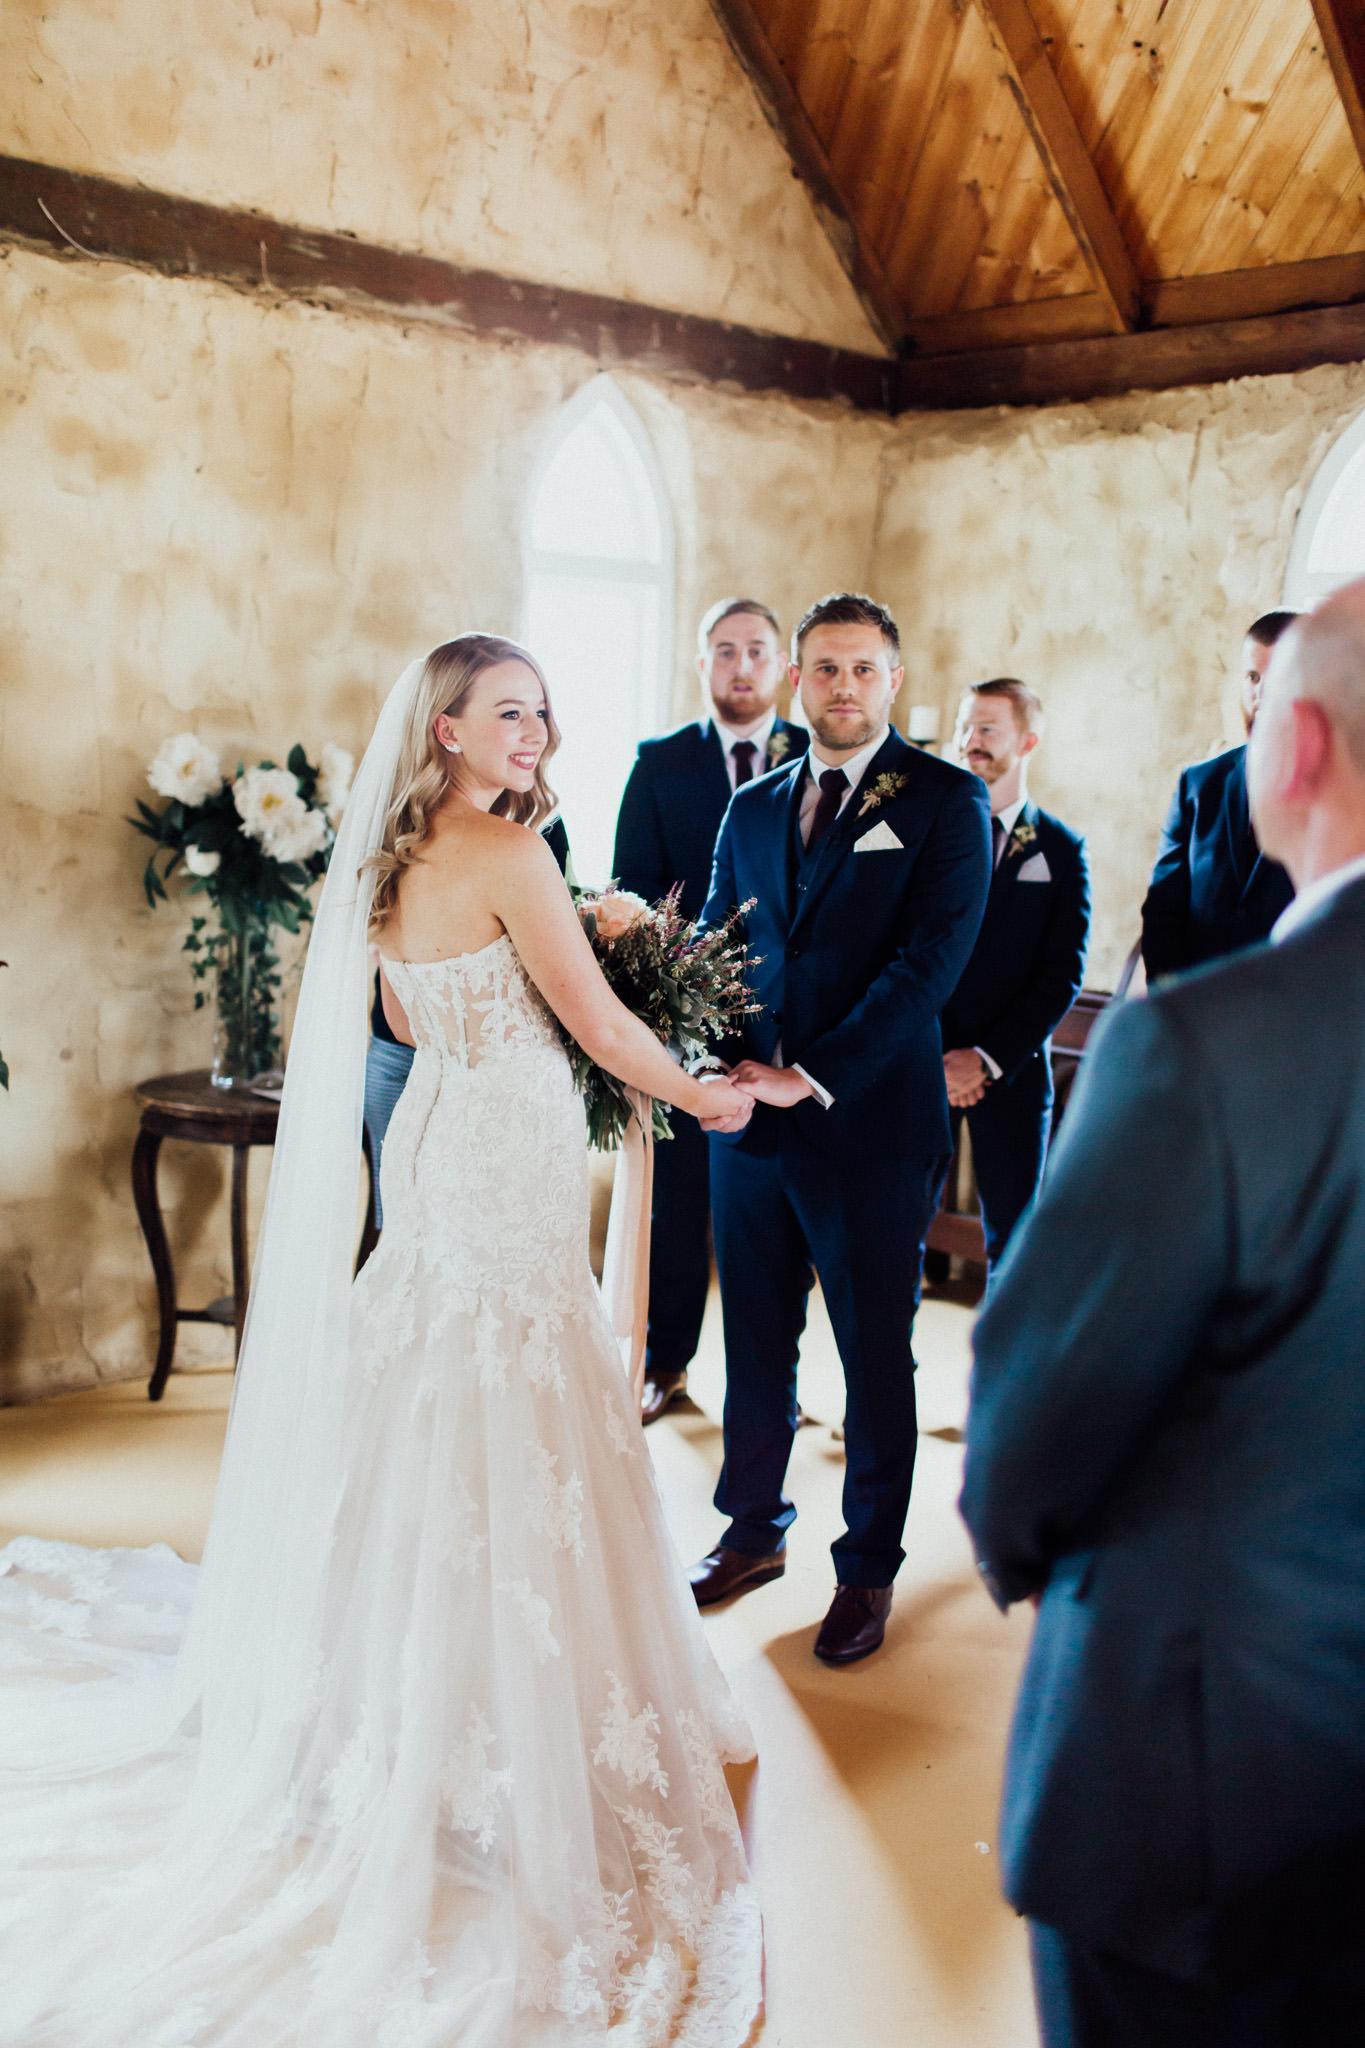 WeddingPhotos_Facebook_2048pixels-1042.jpg